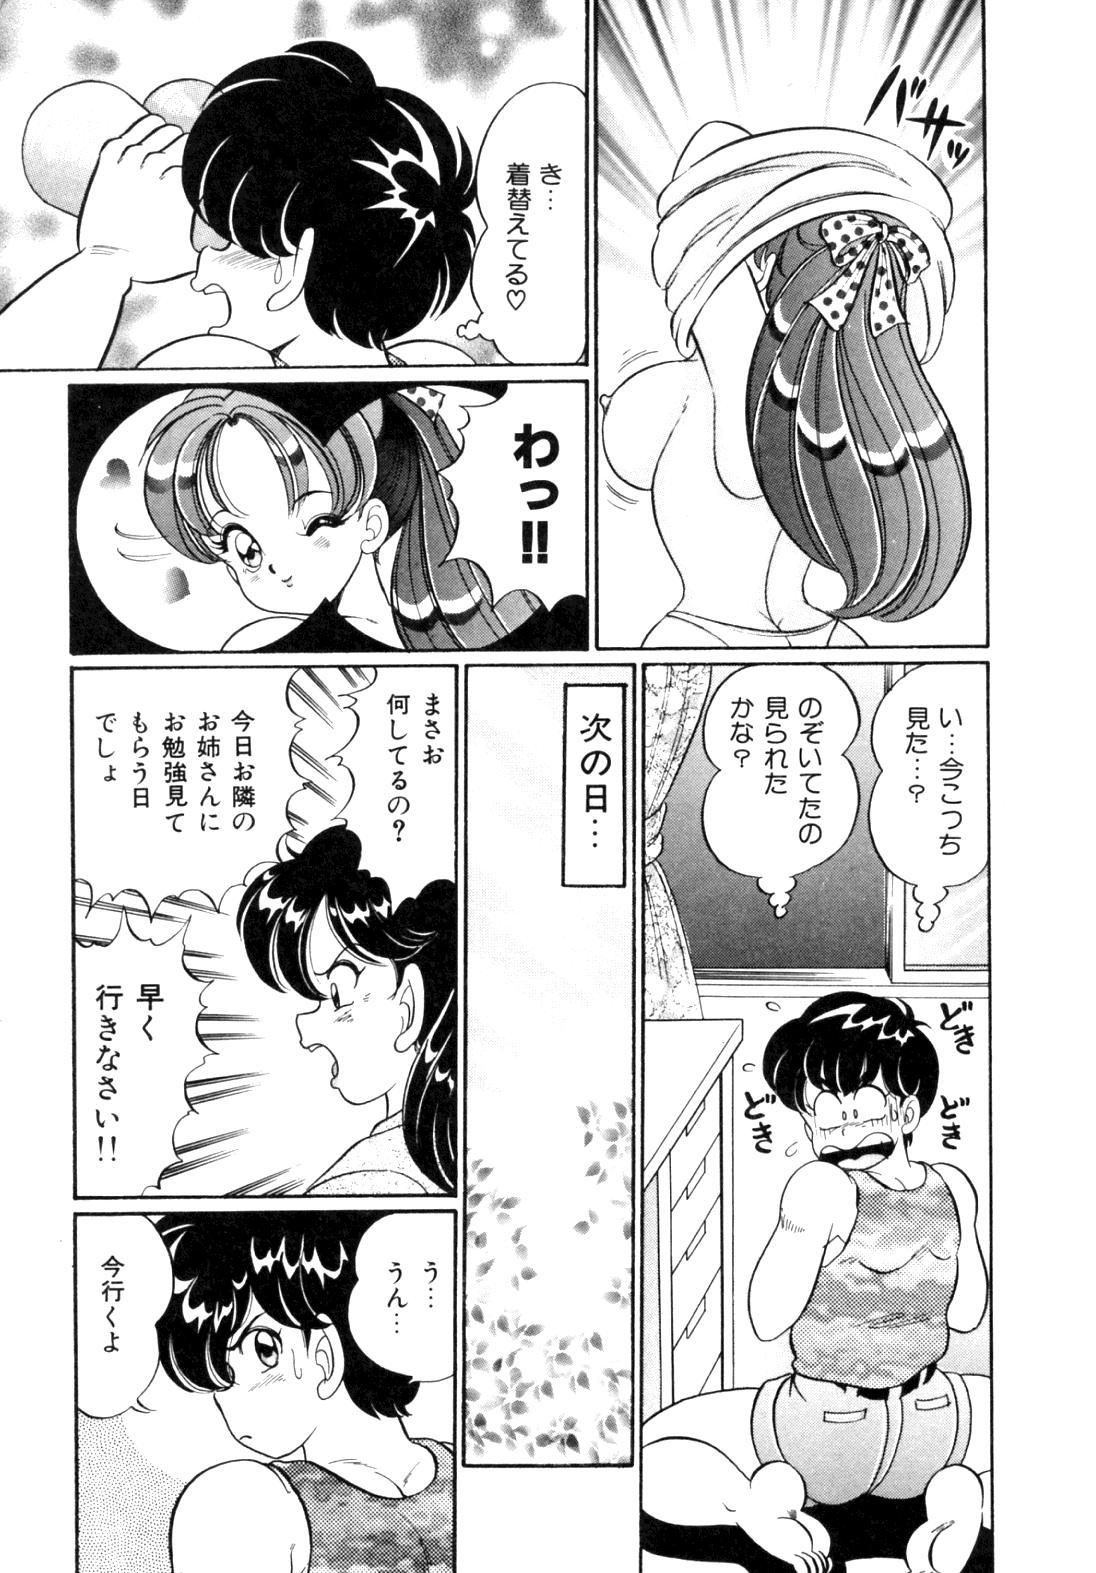 [Watanabe Wataru] Tonari no Onee-san - Sister of Neighborhood 12